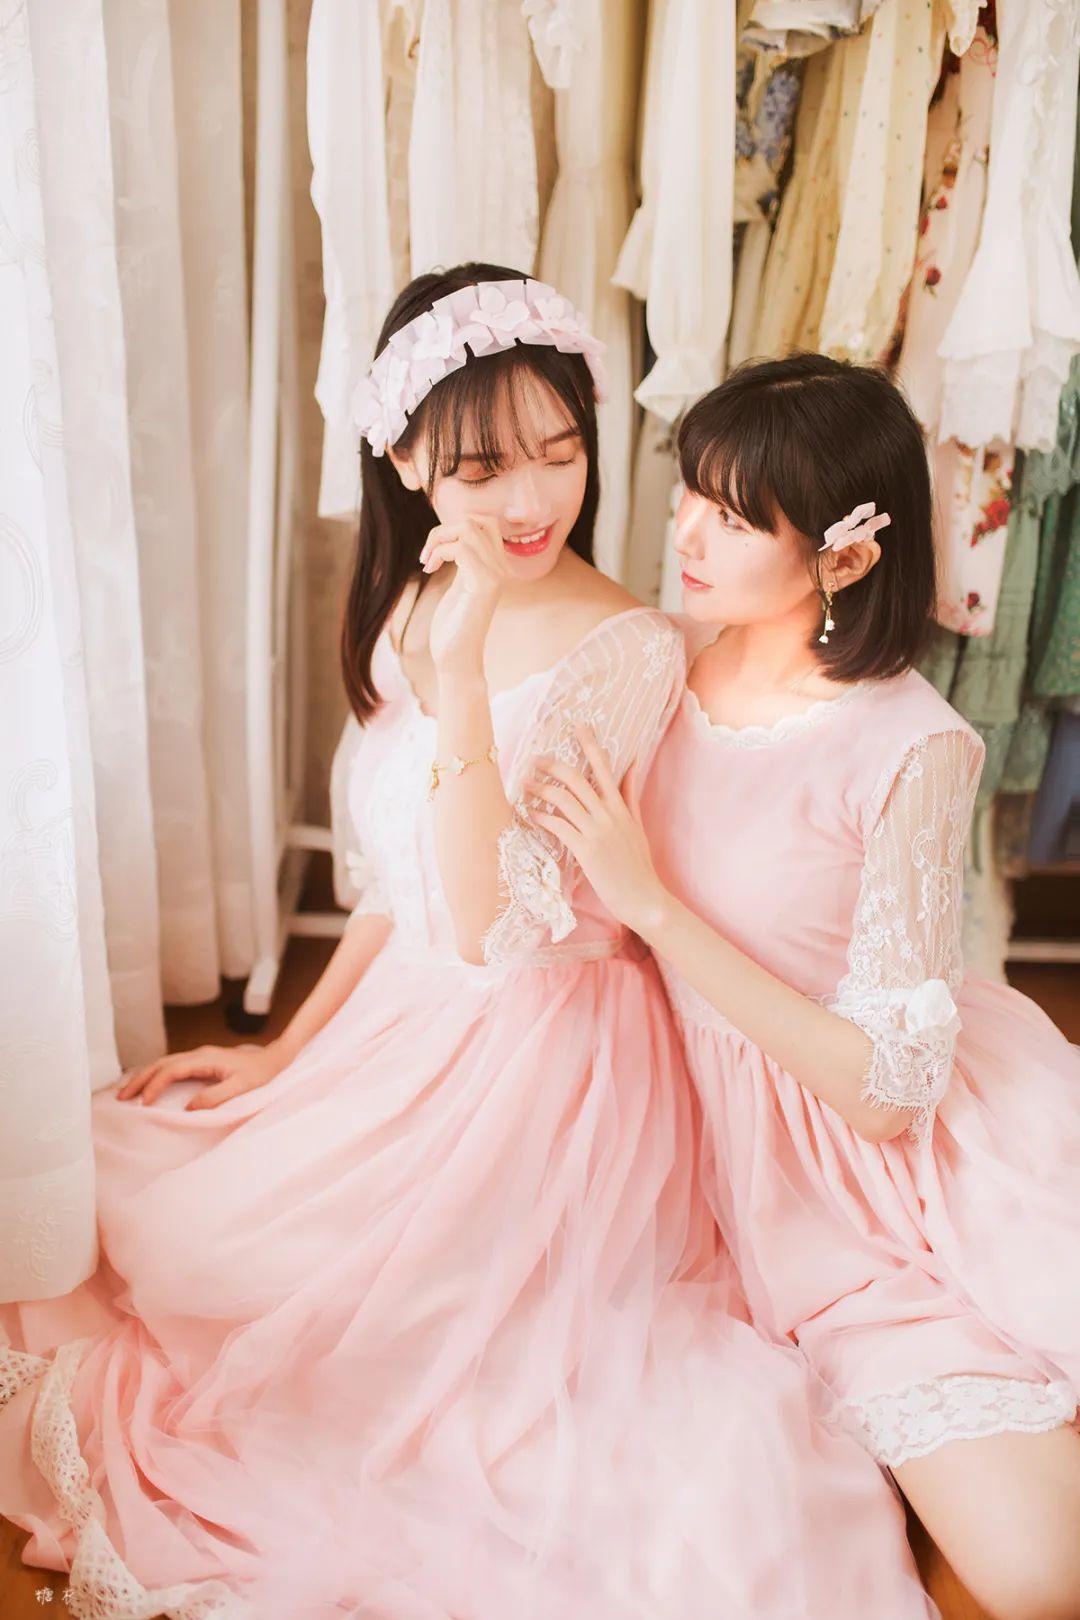 妹子摄影 – 粉色连衣裙姐妹花,双倍快乐_图片 No.2